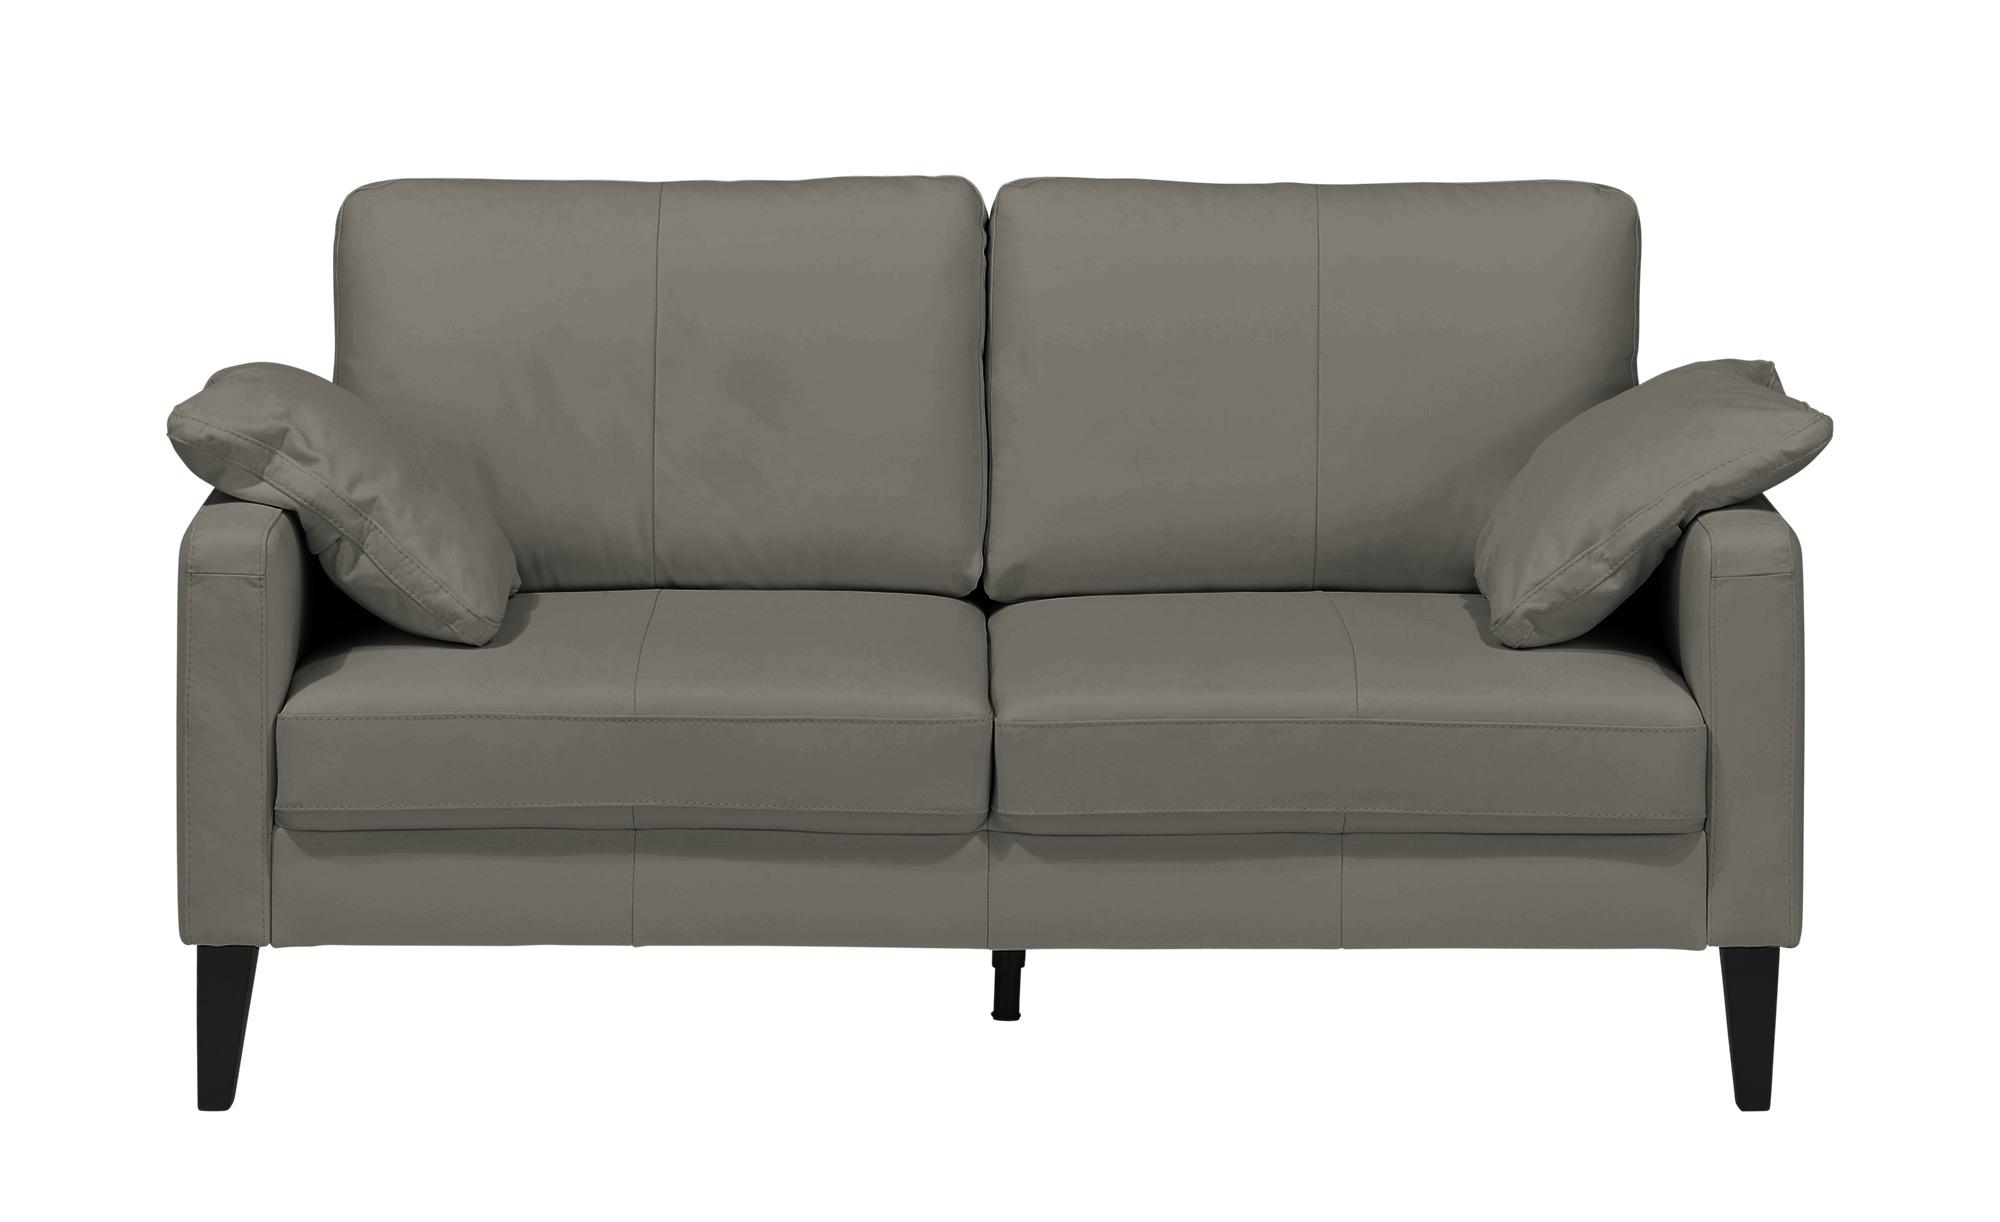 Einzelsofa  Oralia ¦ grau ¦ Maße (cm): B: 174 H: 90 T: 93 Polstermöbel > Sofas > 2-Sitzer - Höffner